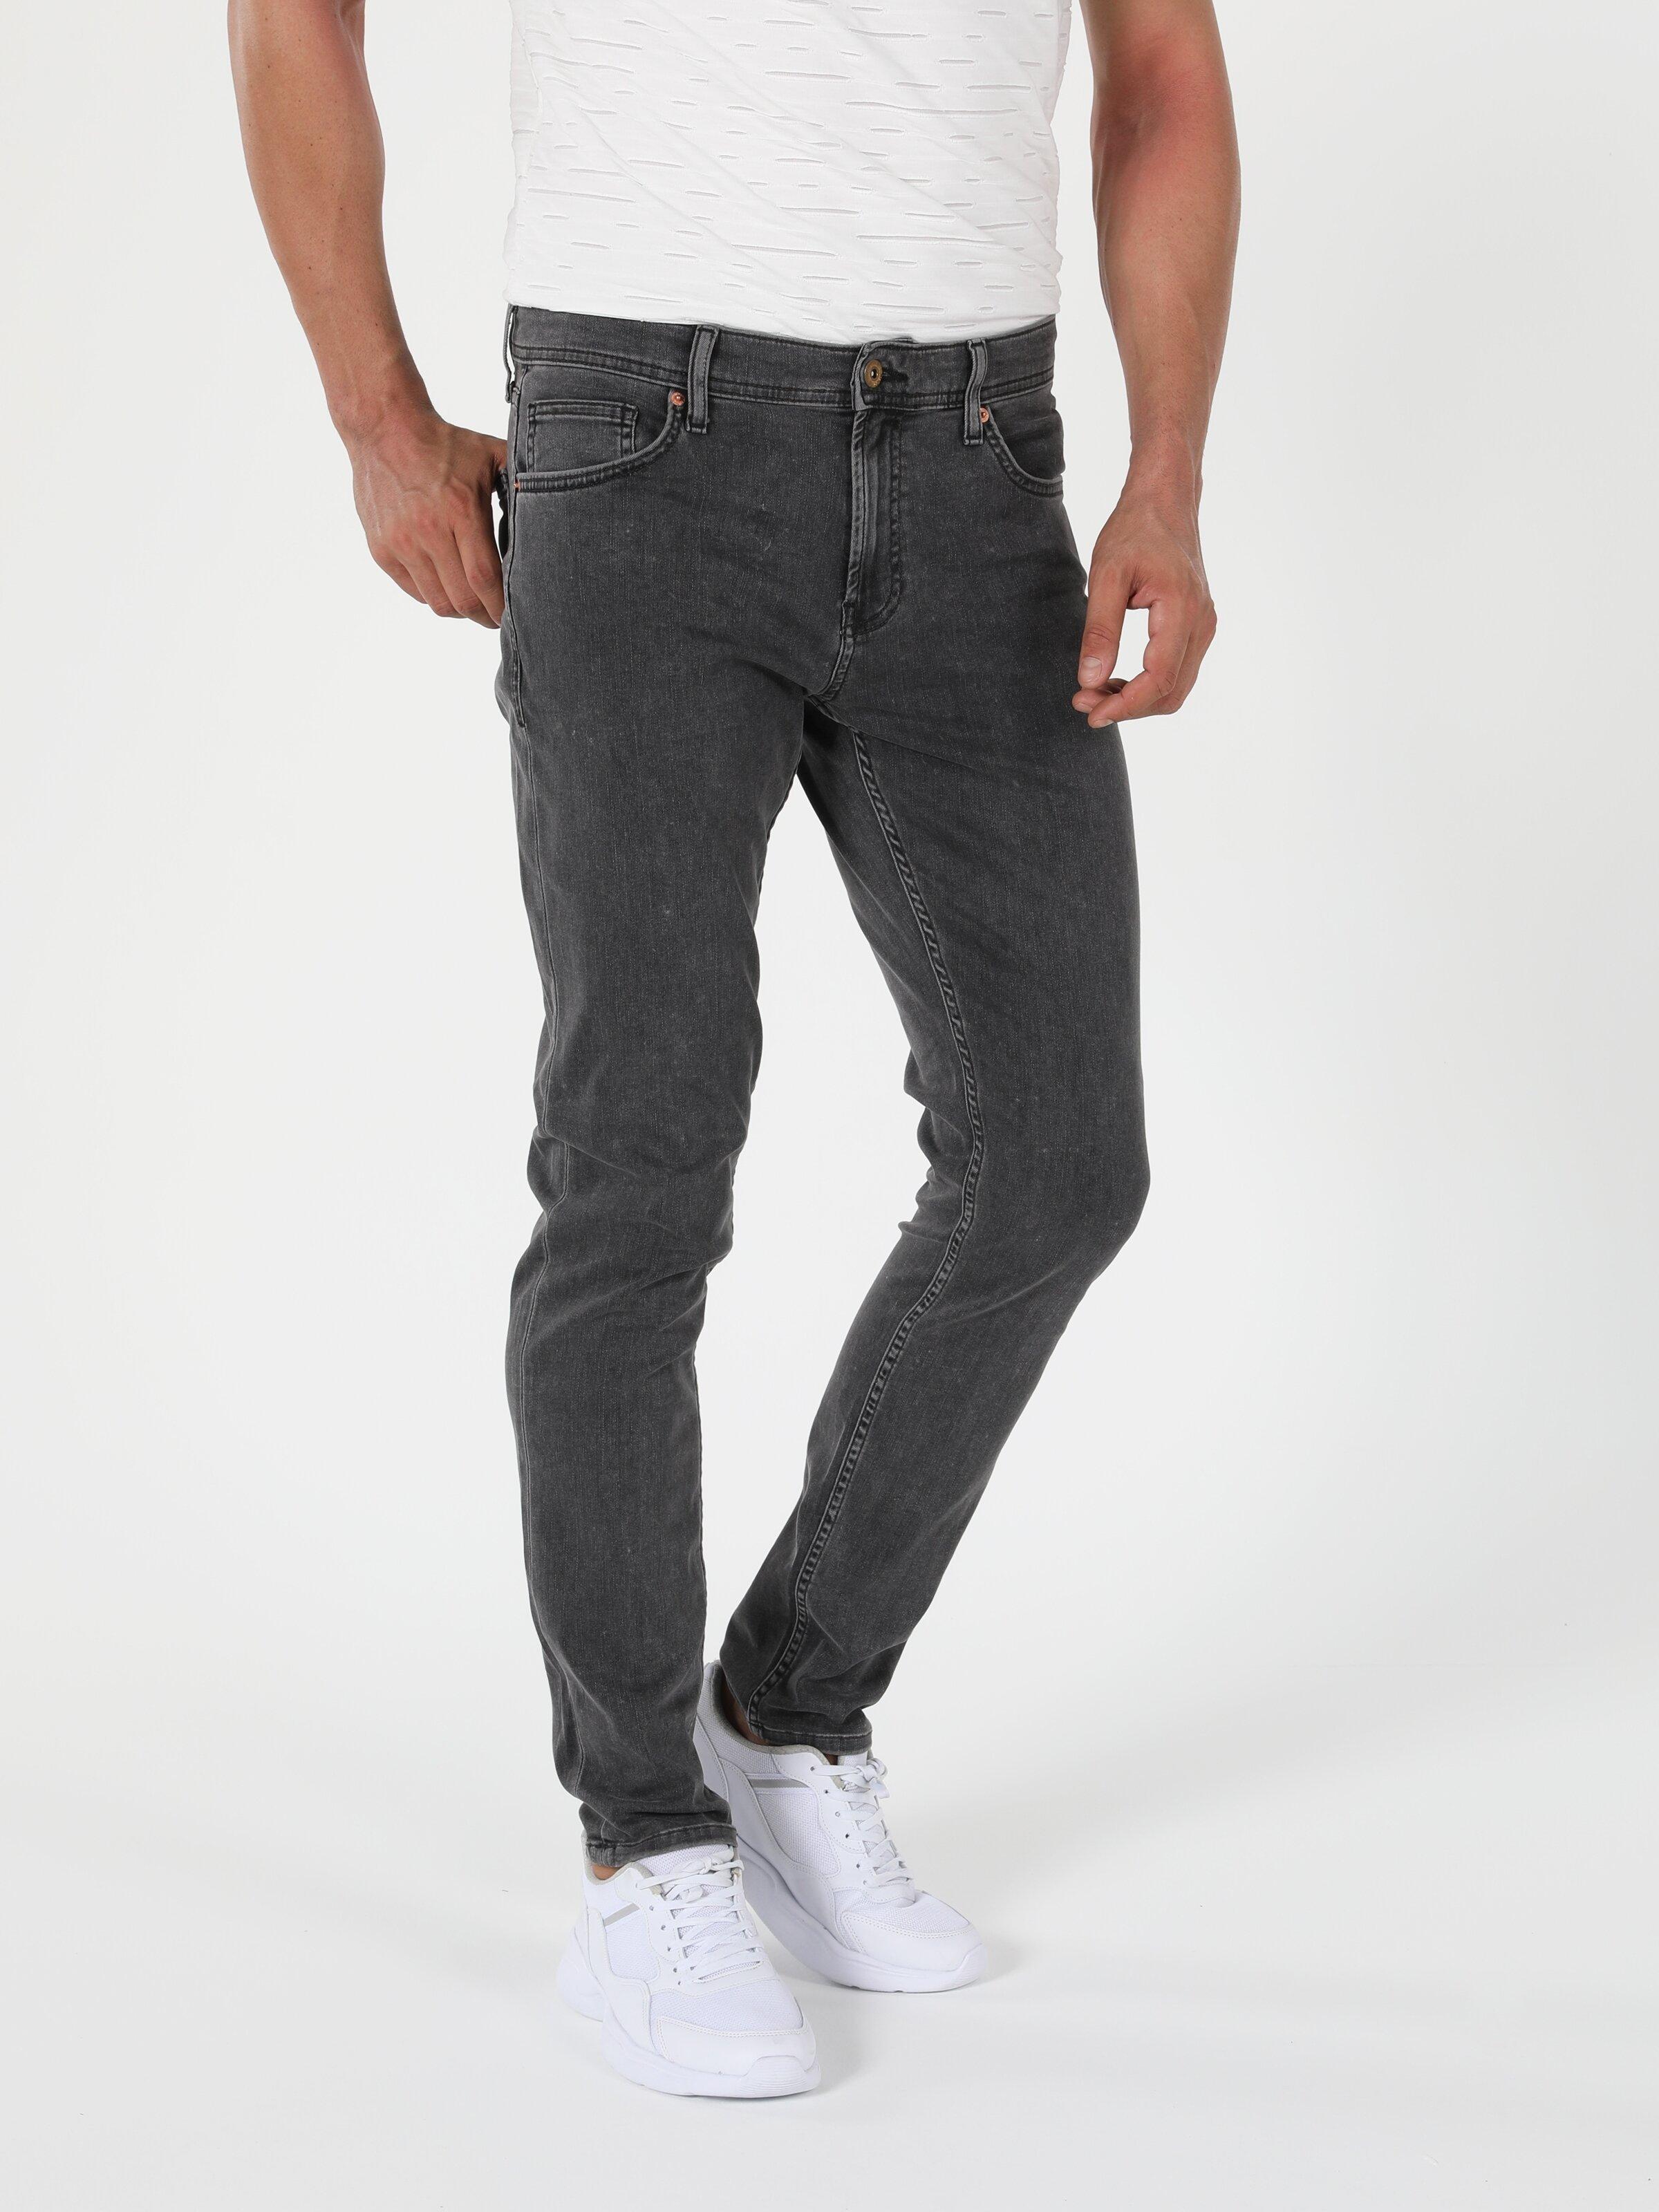 041 Danny Düşük Bel Dar Paça Slim Fit Jean Erkek Jean Pantolon